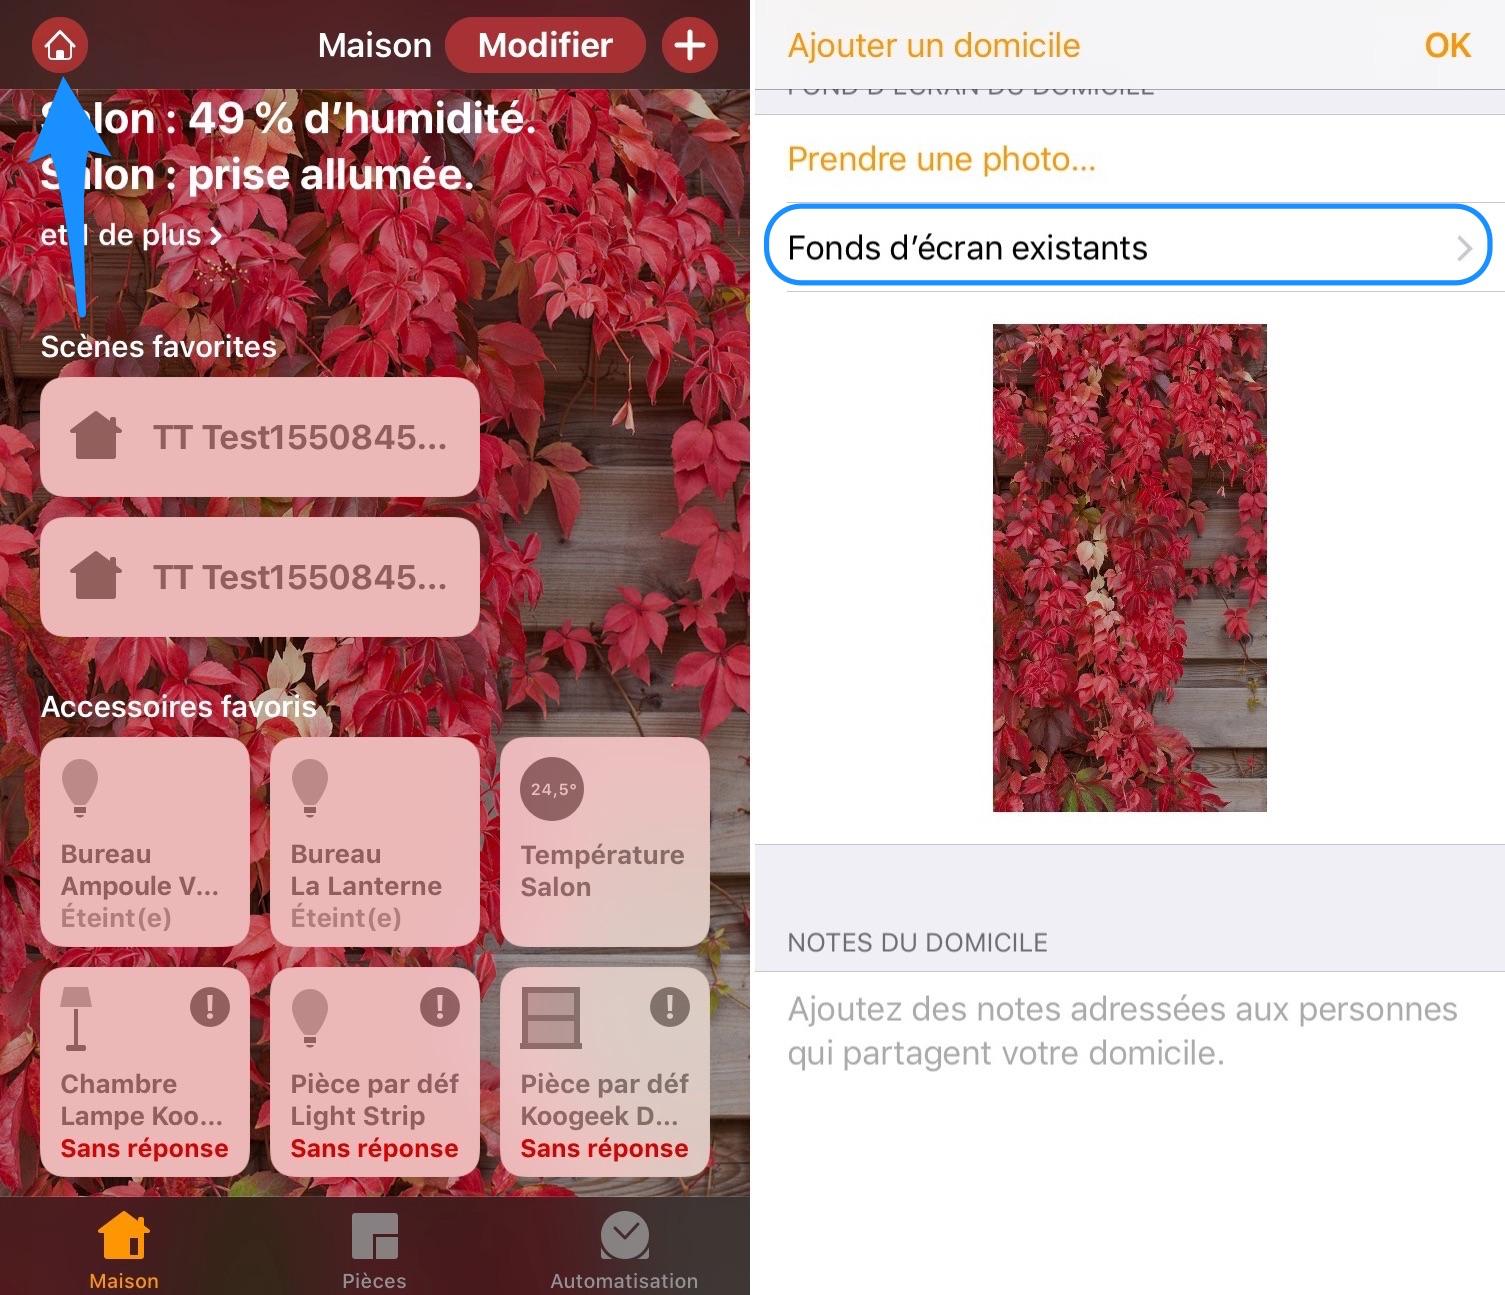 Changer fond écran app maison iOS 13